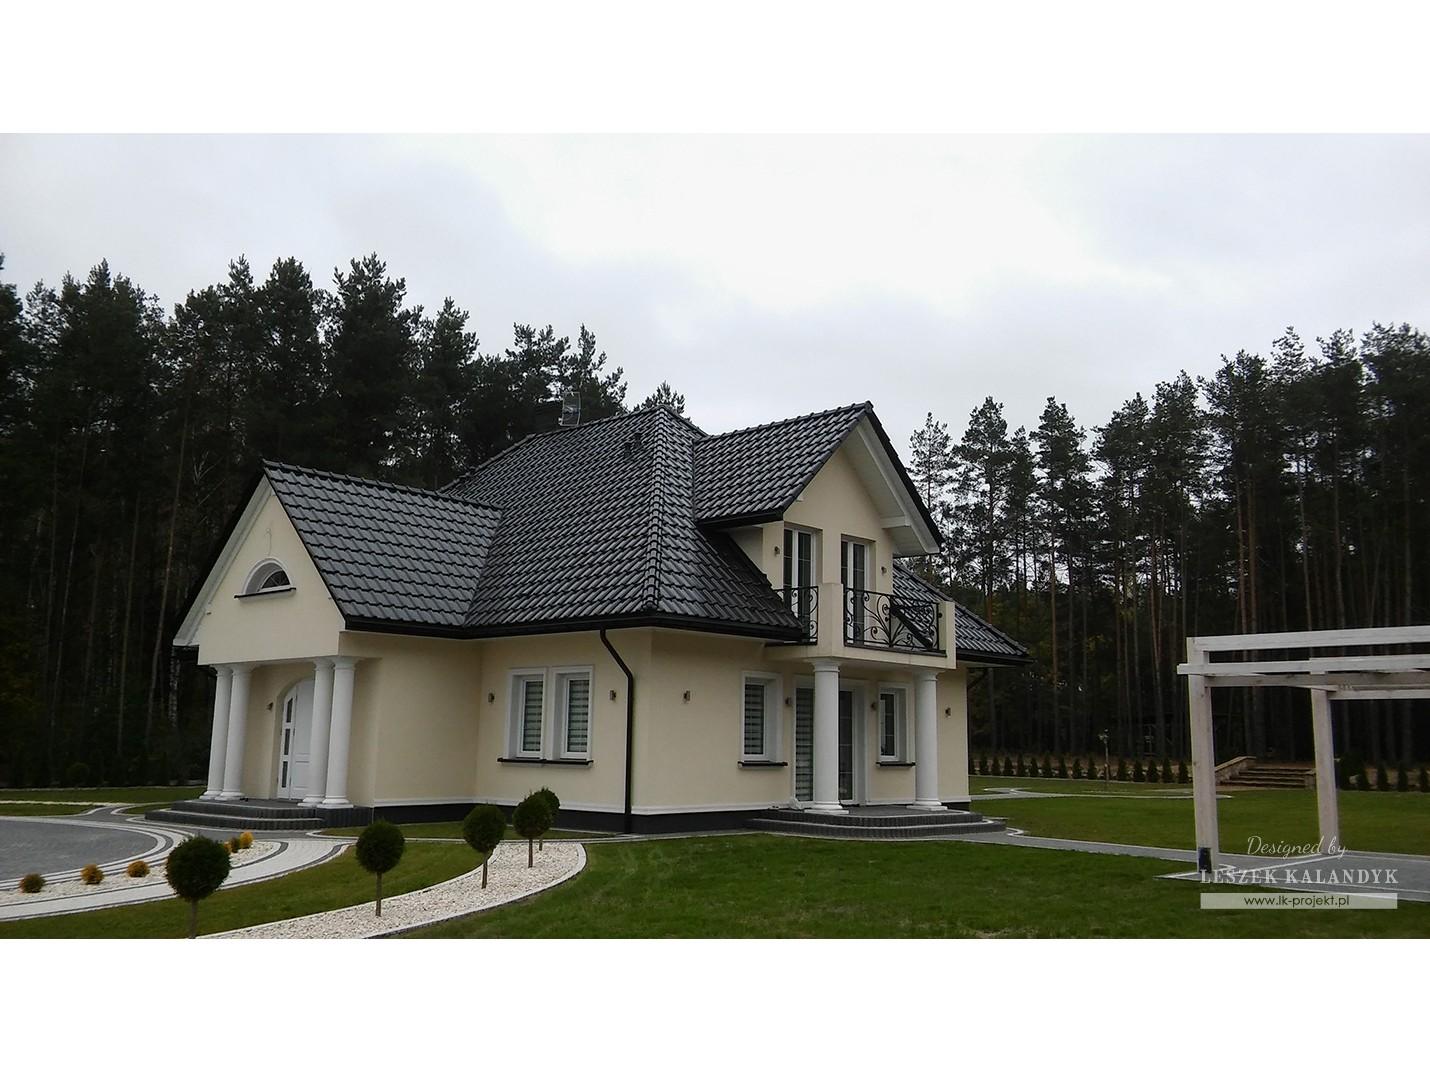 Projekt domu LK&796